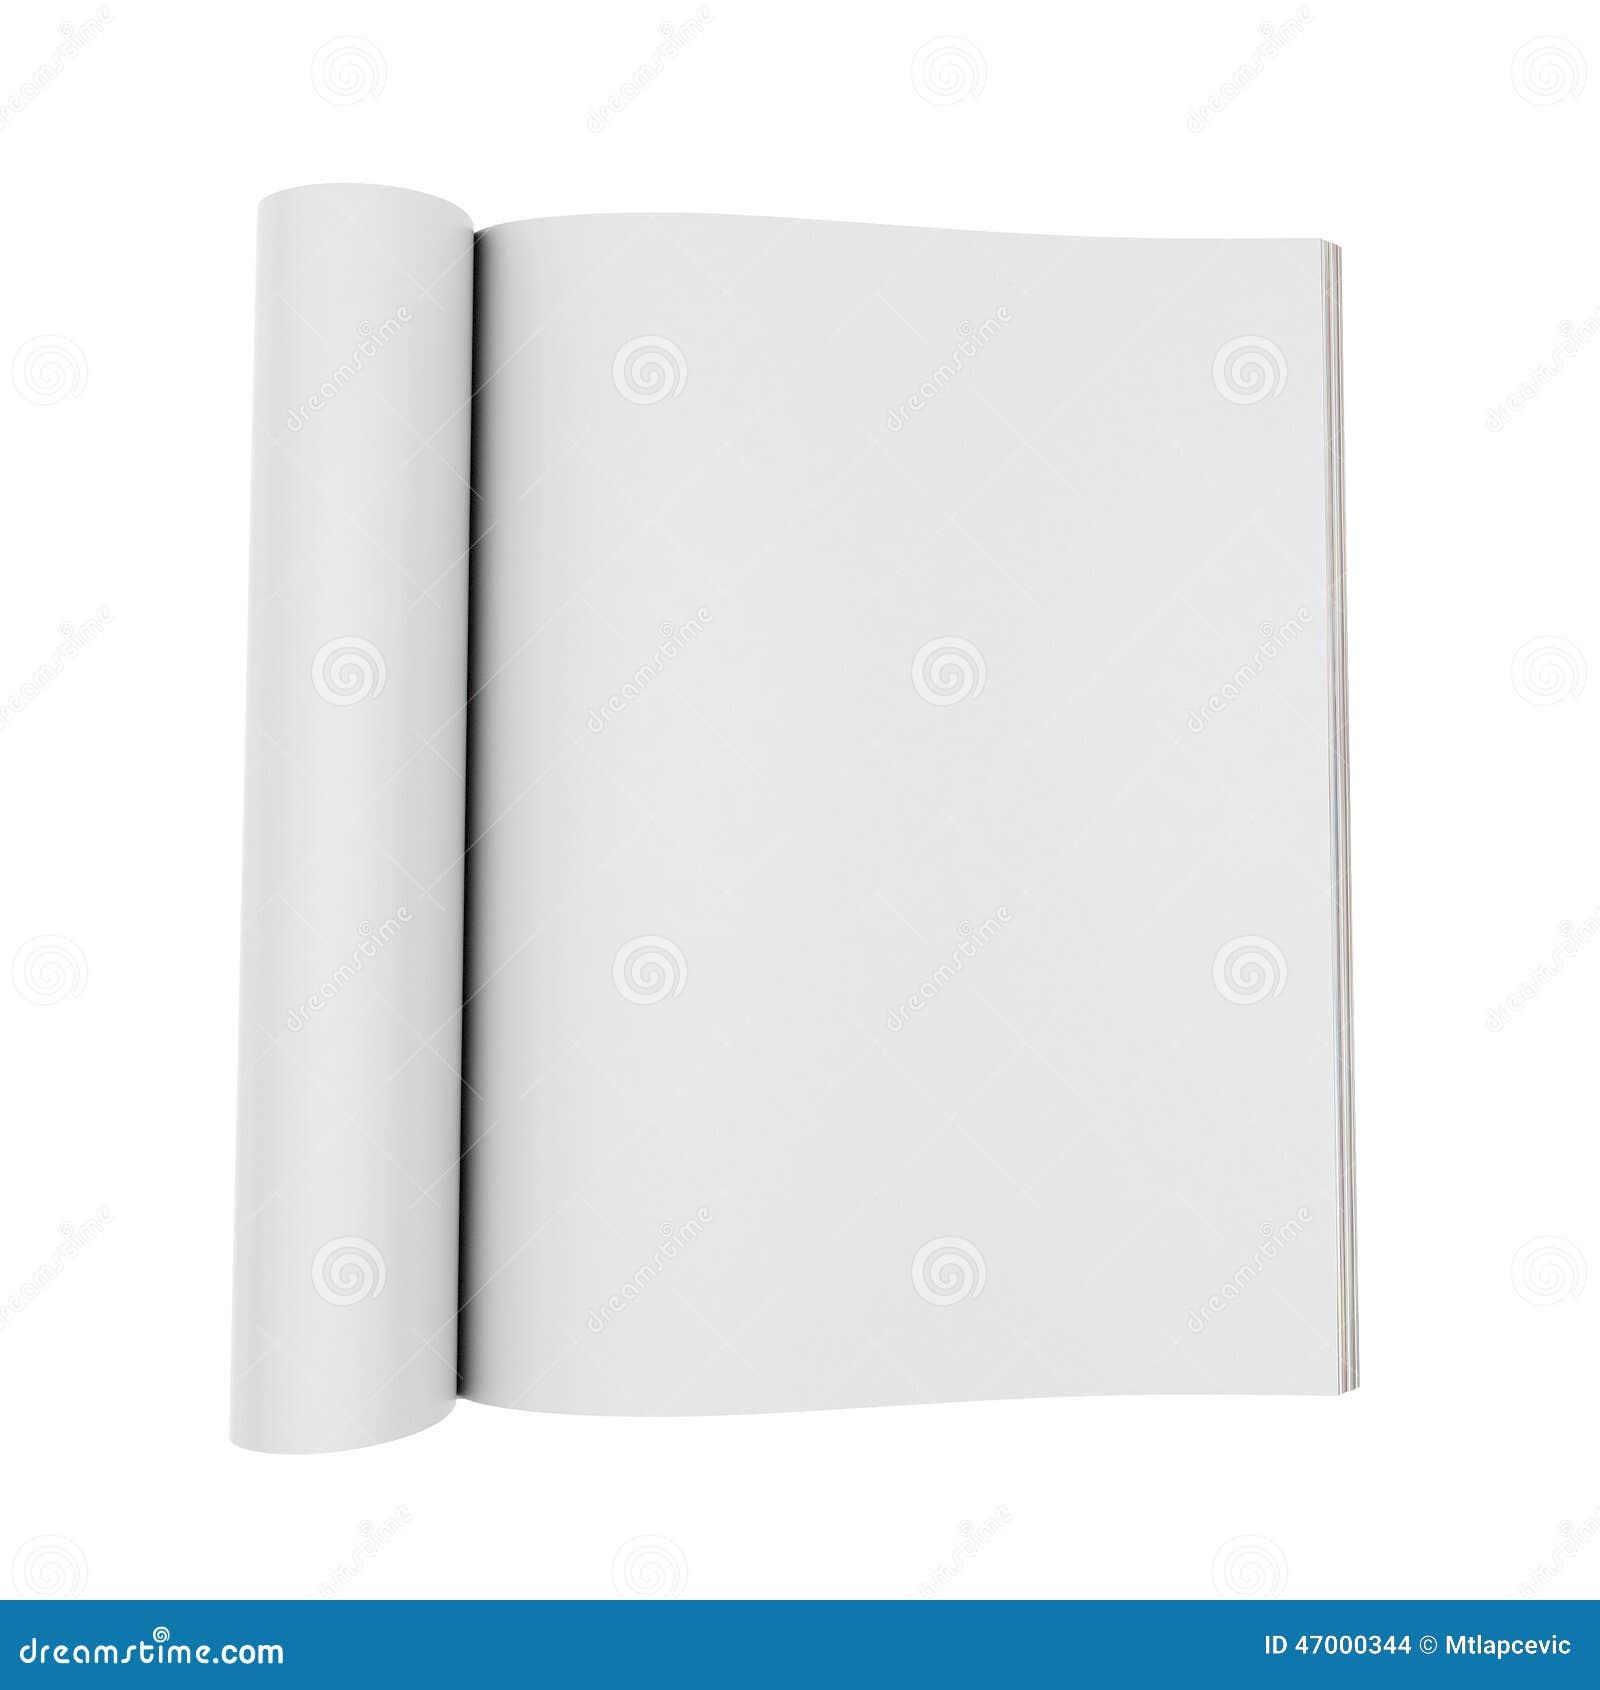 Mock Up Model Of Blank Opened Magazines Isolated On White